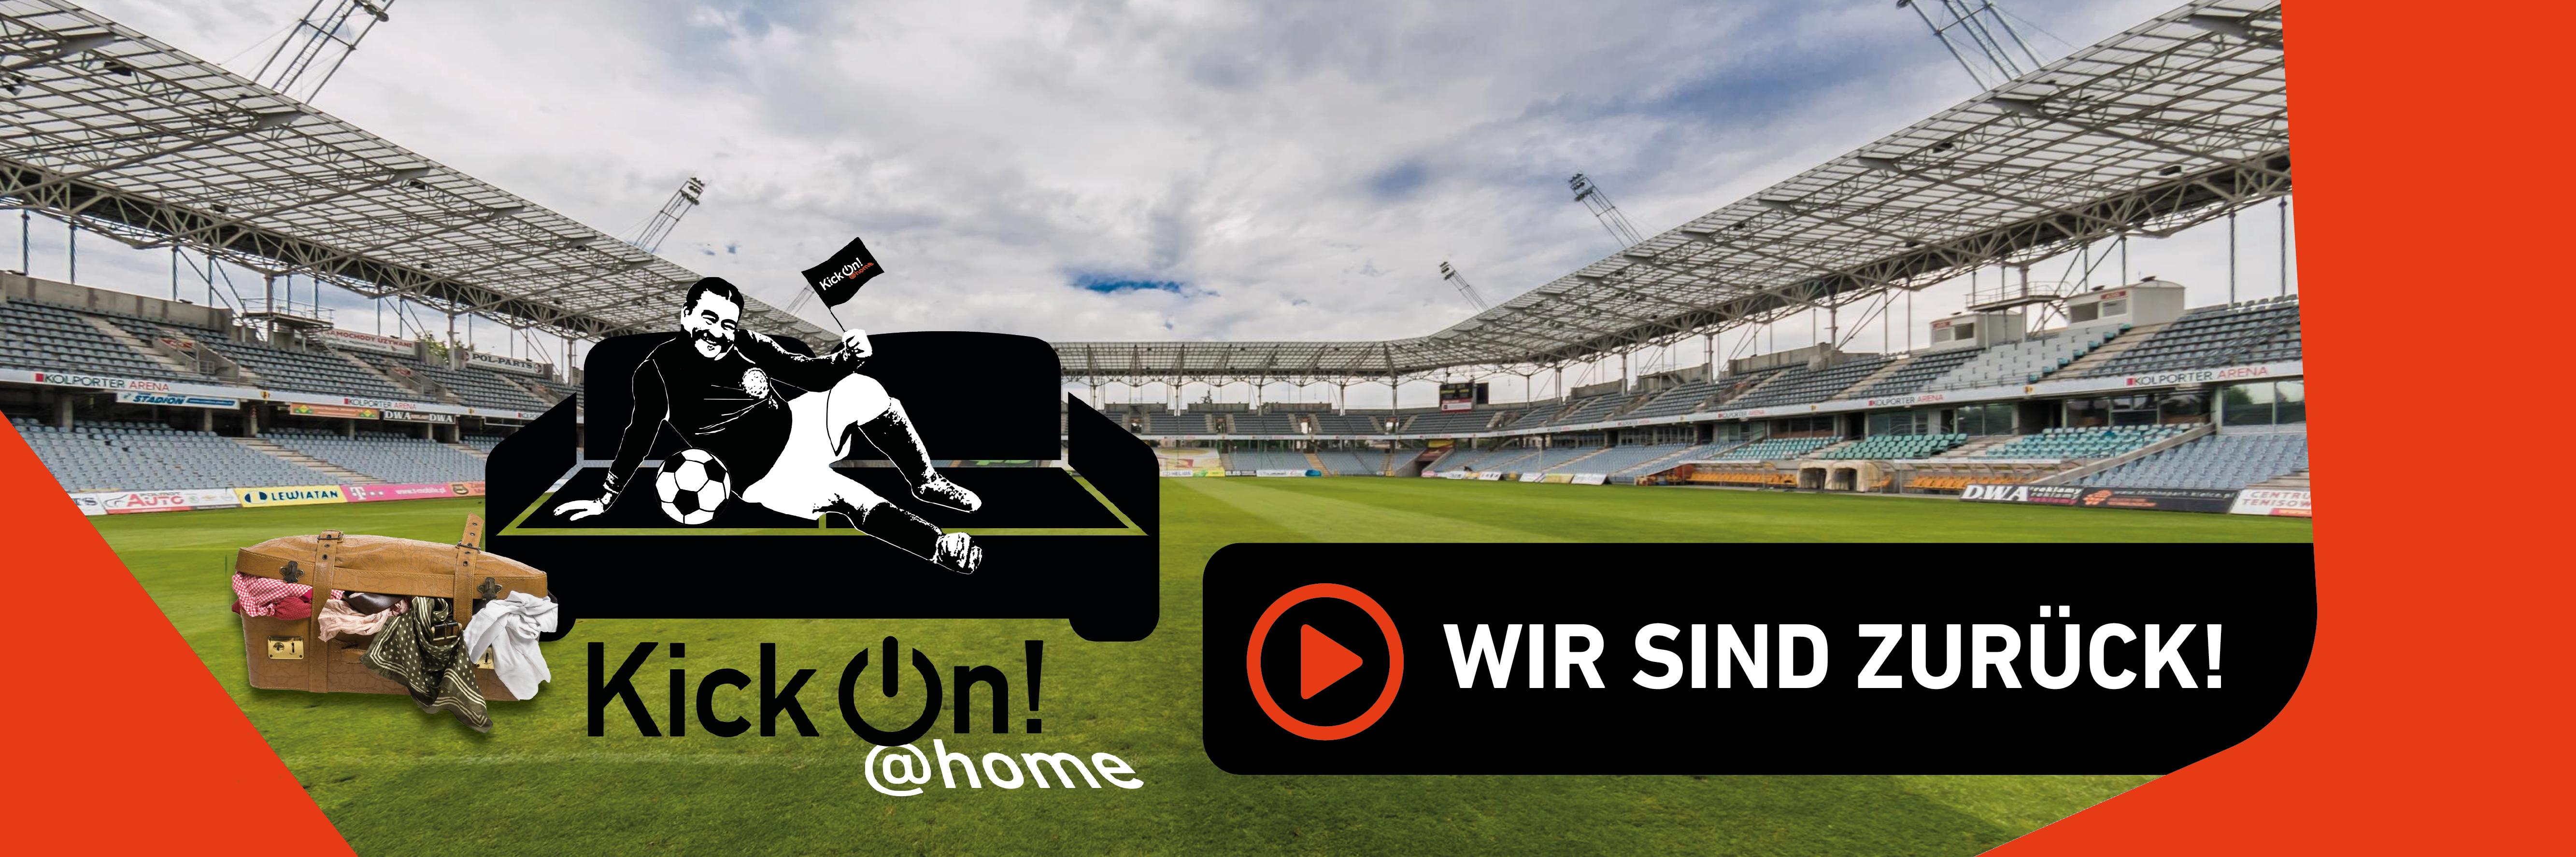 Fußballer auf Sofa mit Fahne und Fußball  vor einem Reisekoffer auf einem Spielfeld im leeren Stadion. Im unteren Bereich des Bildes steht: KickOn @Home – wir sind zurück.